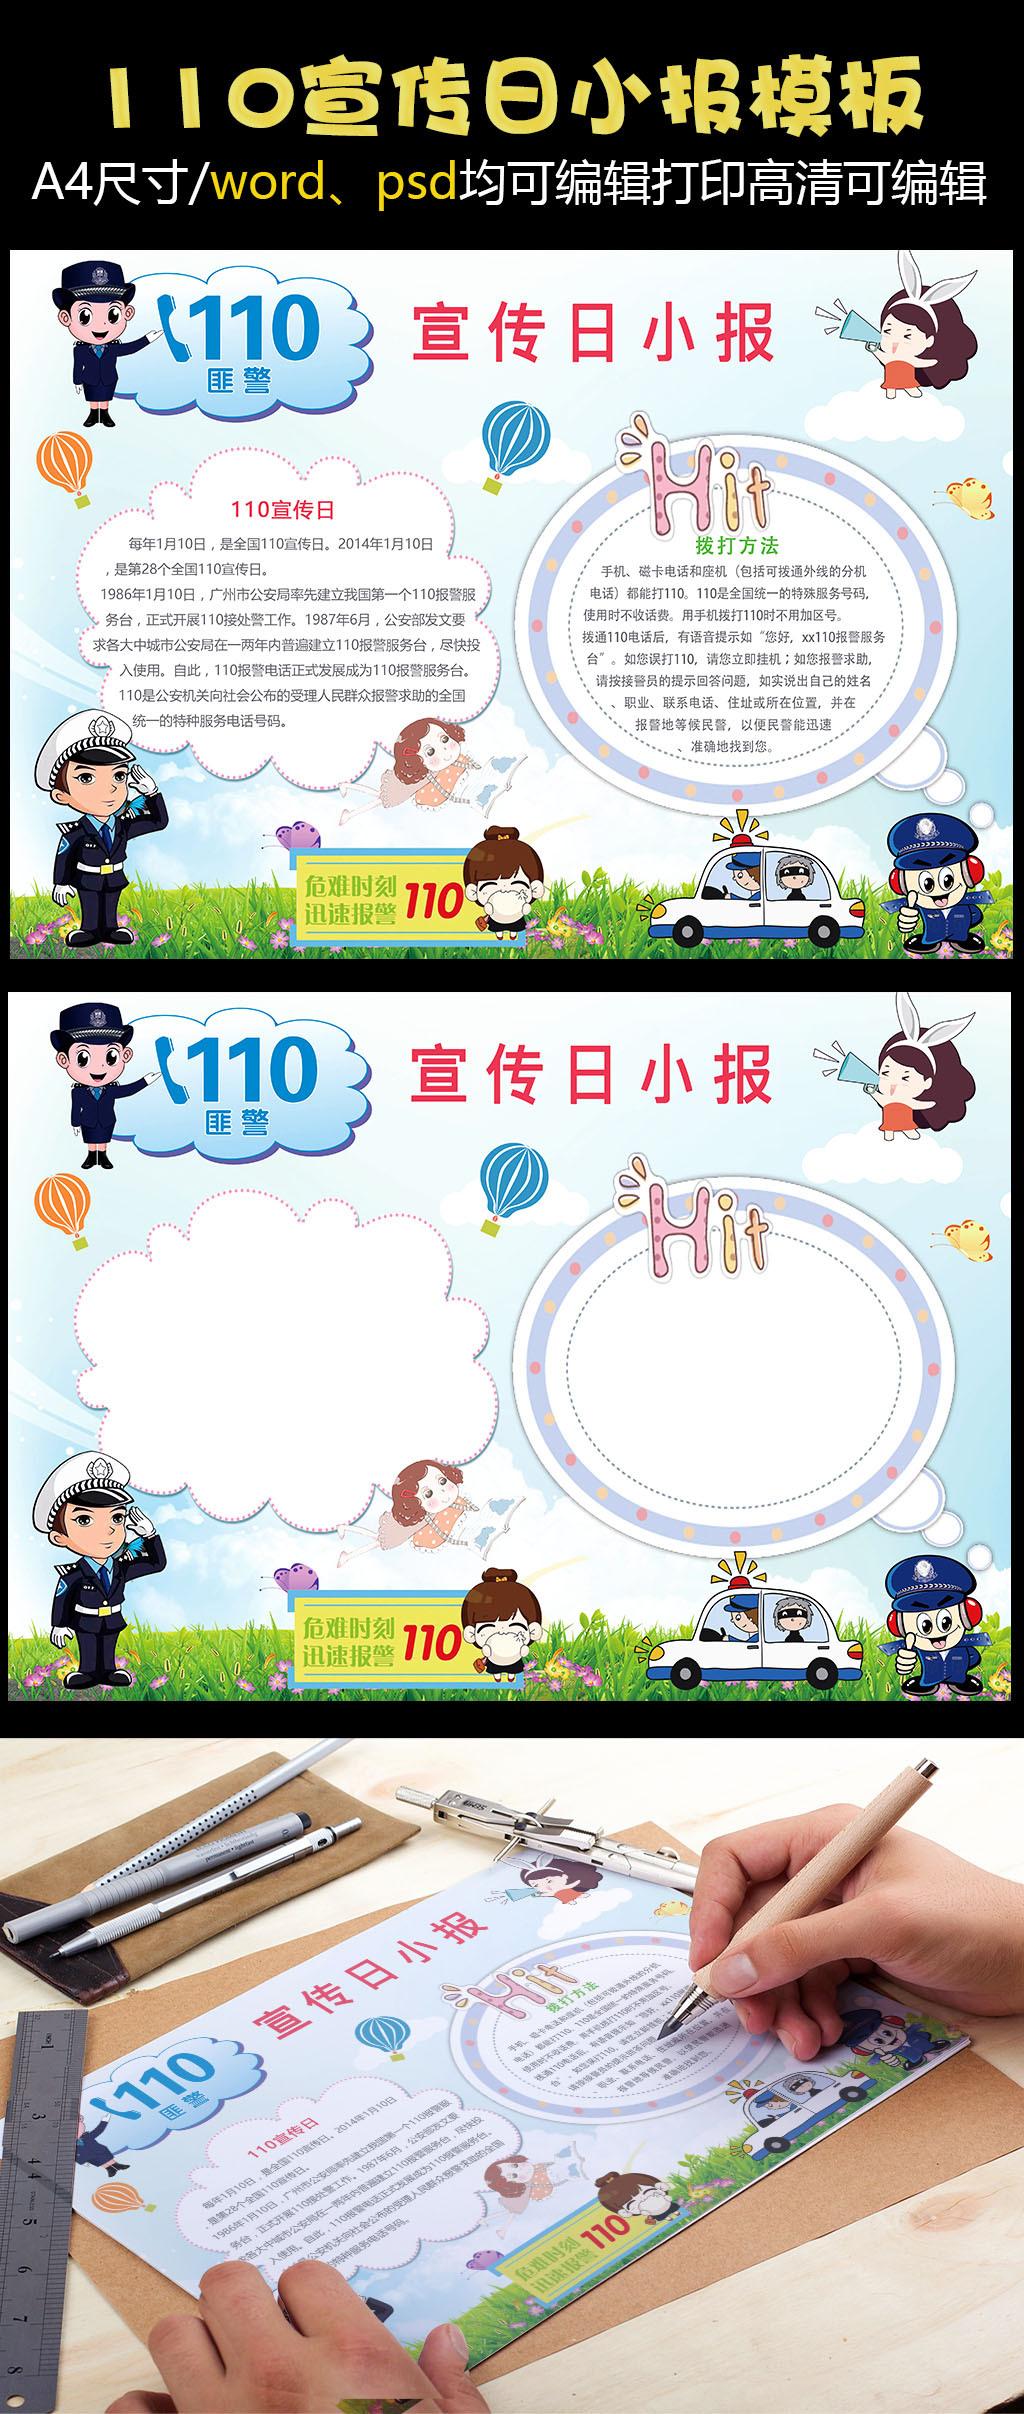 卡通110宣传日电子小报手抄报图片设计素材 高清PSD分层模板下载 47.22MB QQ2E959CD5分享 节日手抄报大全